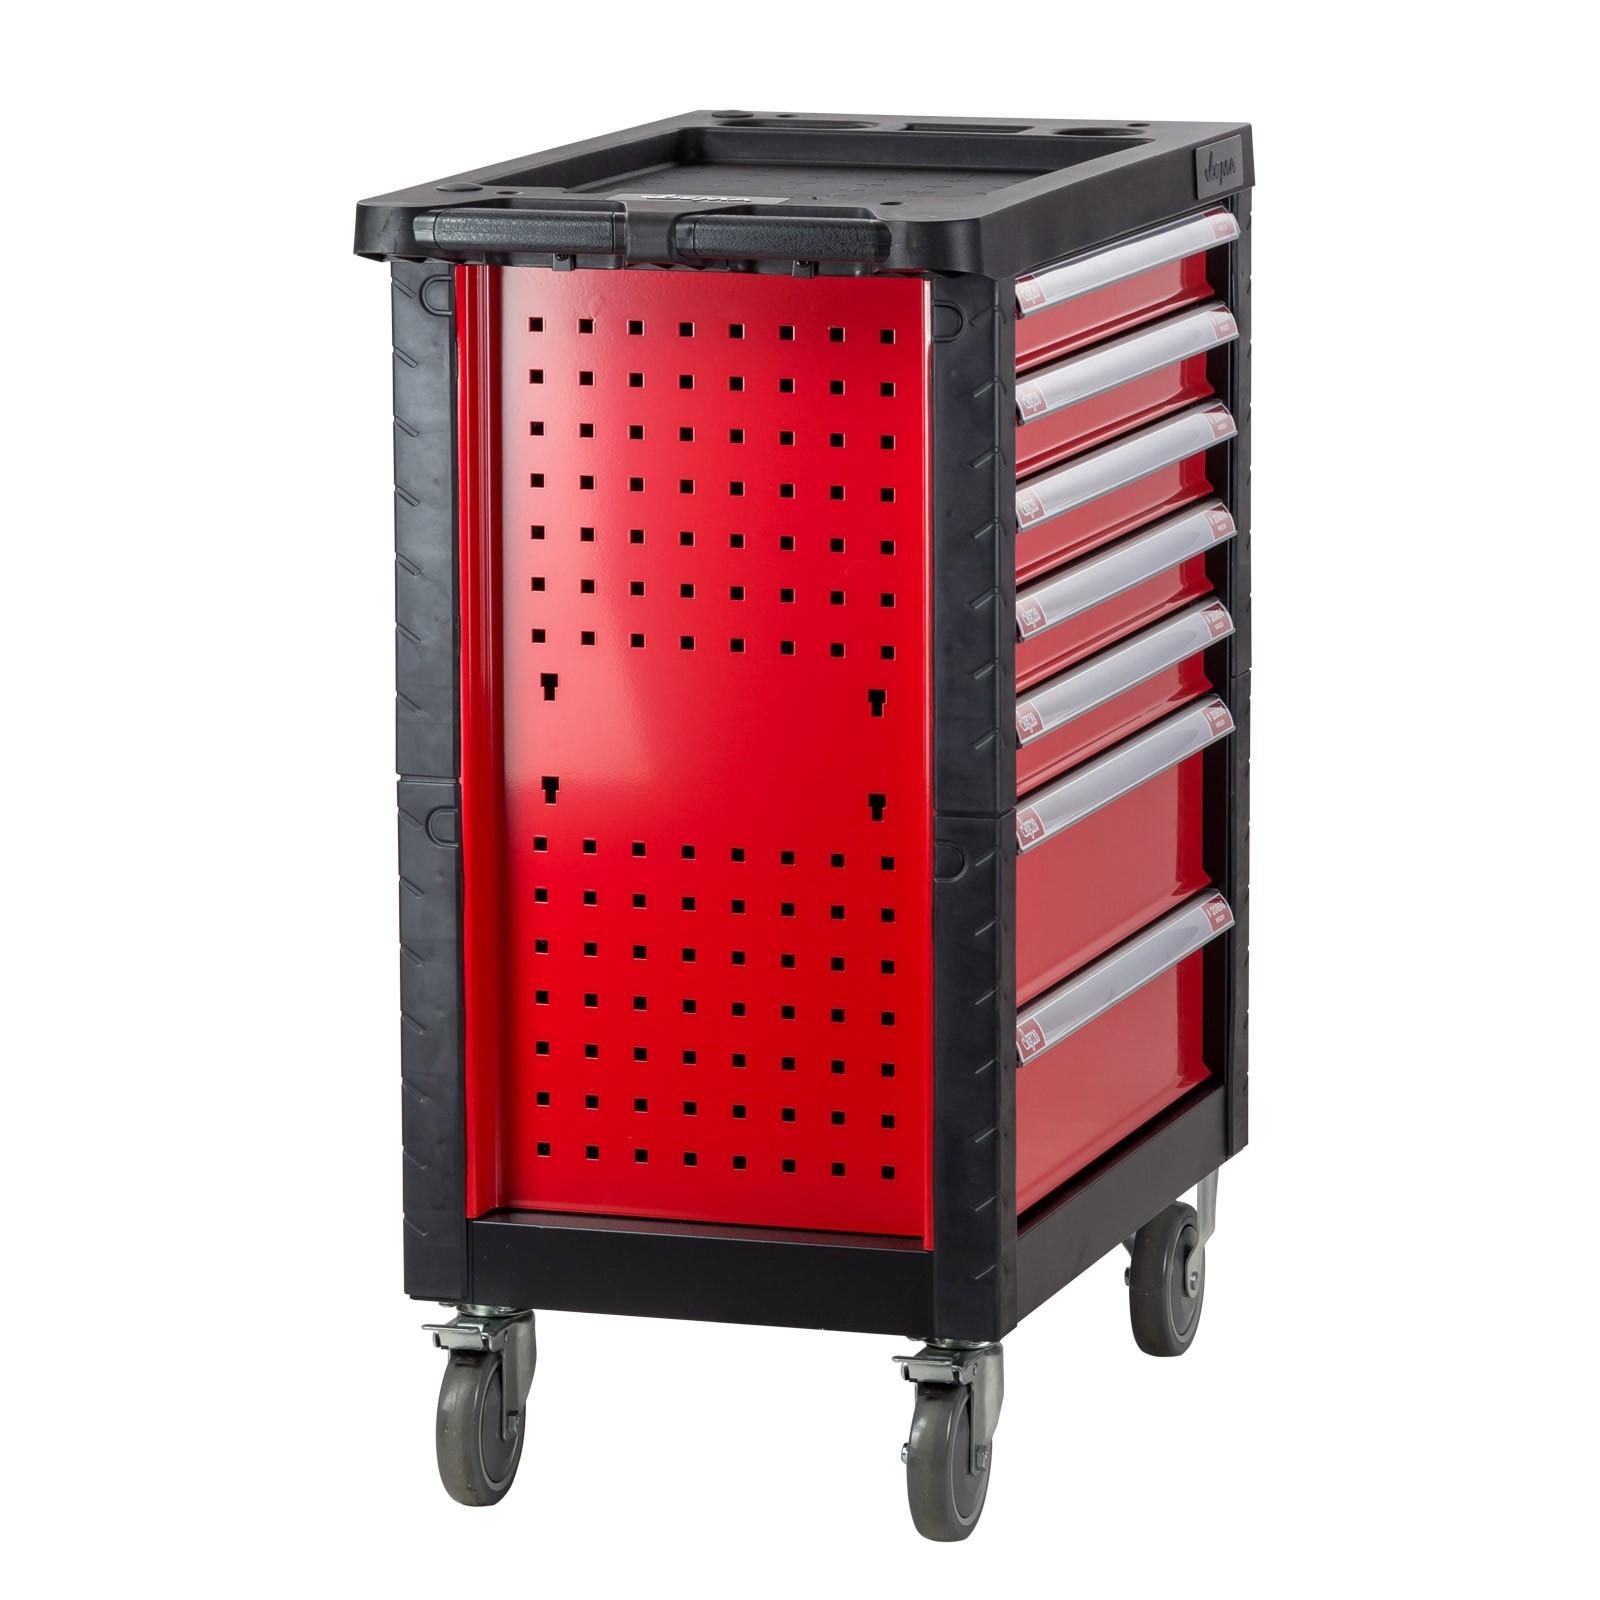 werkstattwagen werkzeugwagen carlos fahrbar best ckt. Black Bedroom Furniture Sets. Home Design Ideas